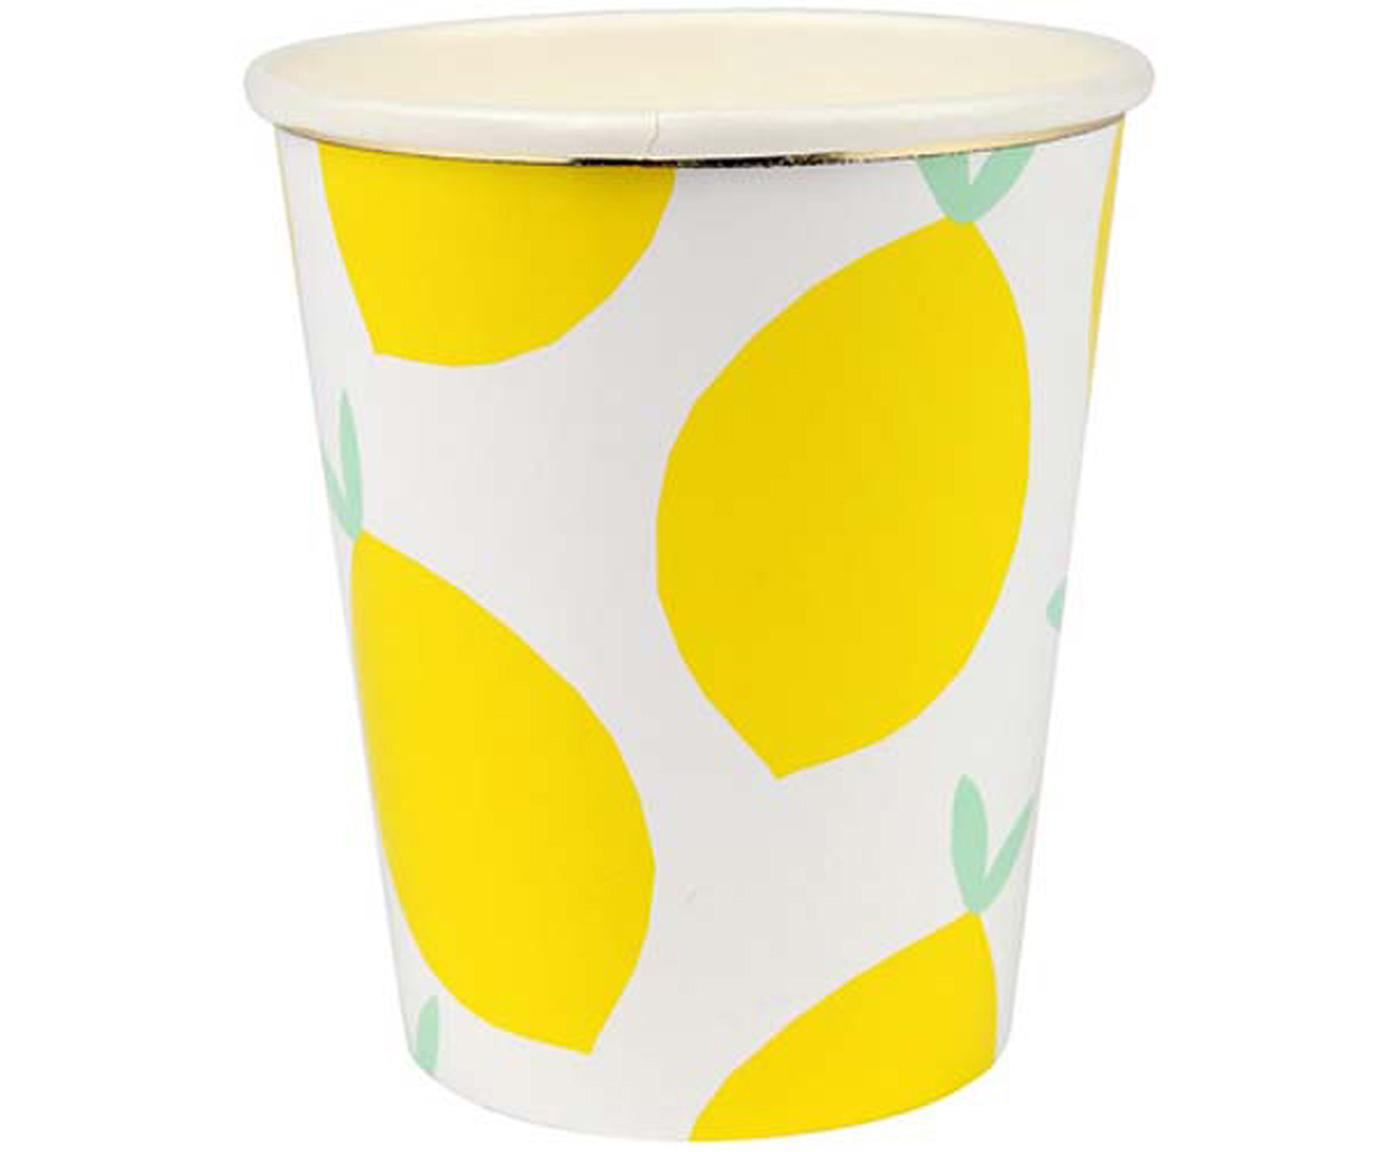 Kubek z papieru Lemon, 8 szt., Papier, foliowany, Biały, żółty, zielony, Ø 8 x W 8 cm